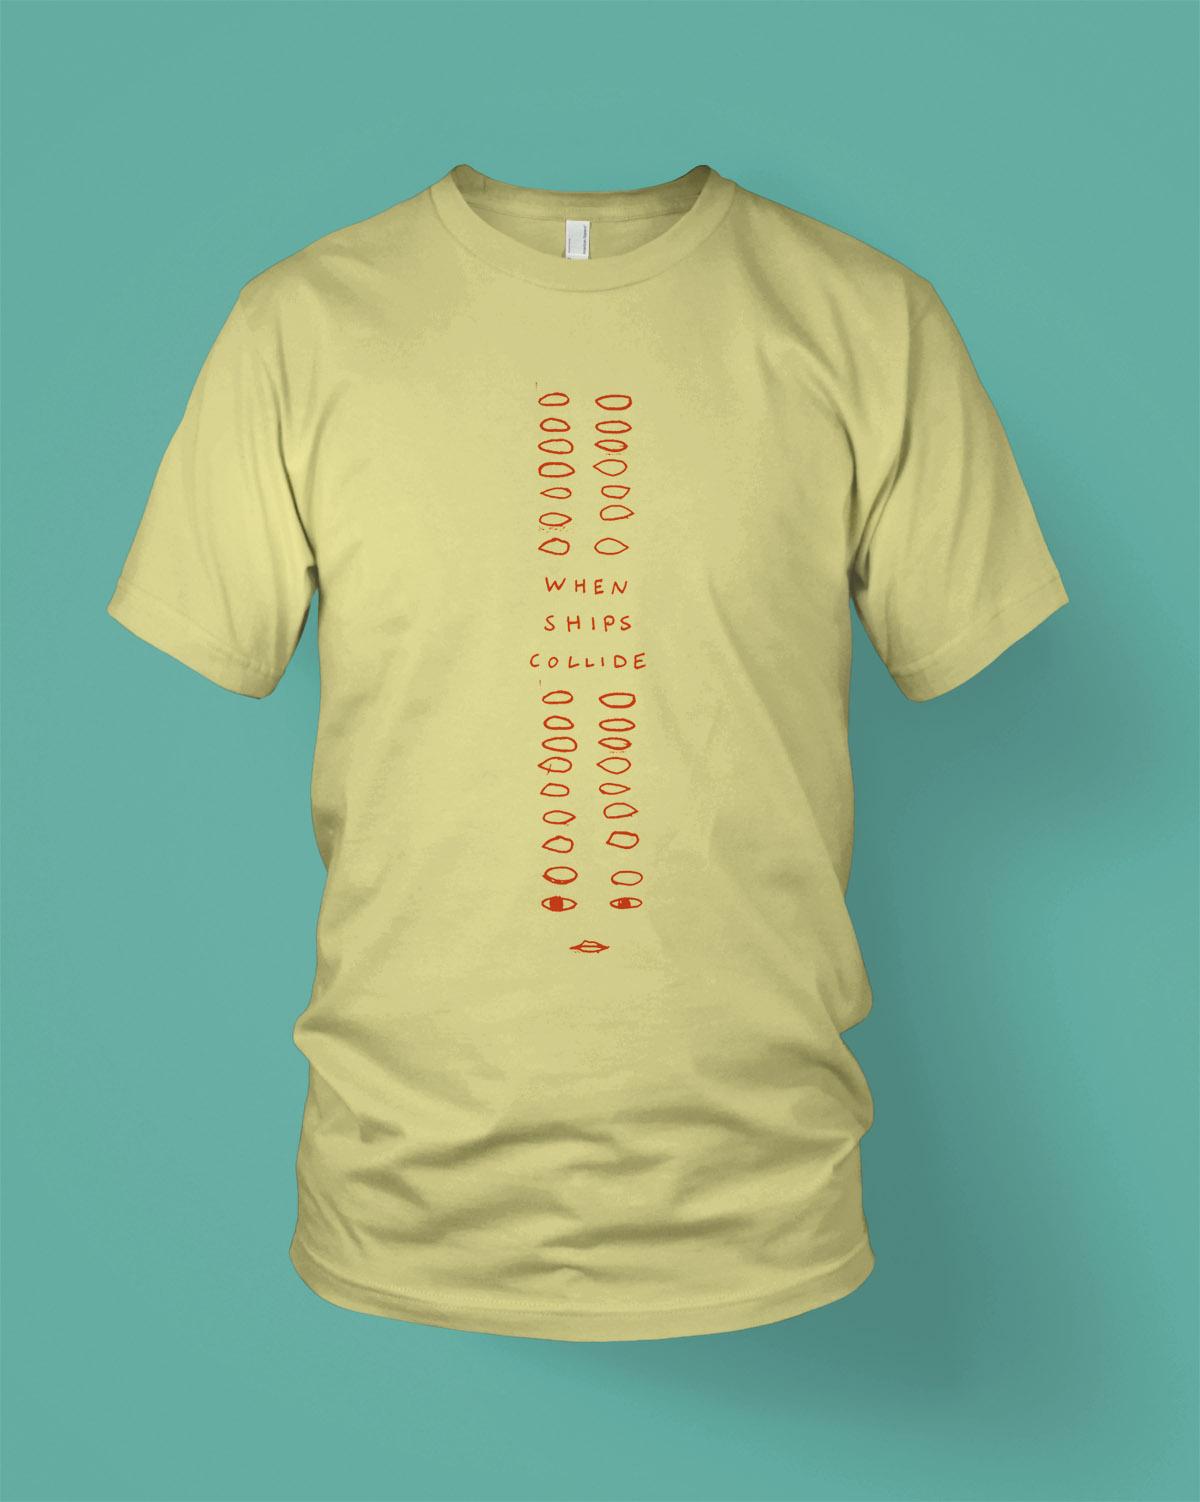 WSC_shirt_1.jpg